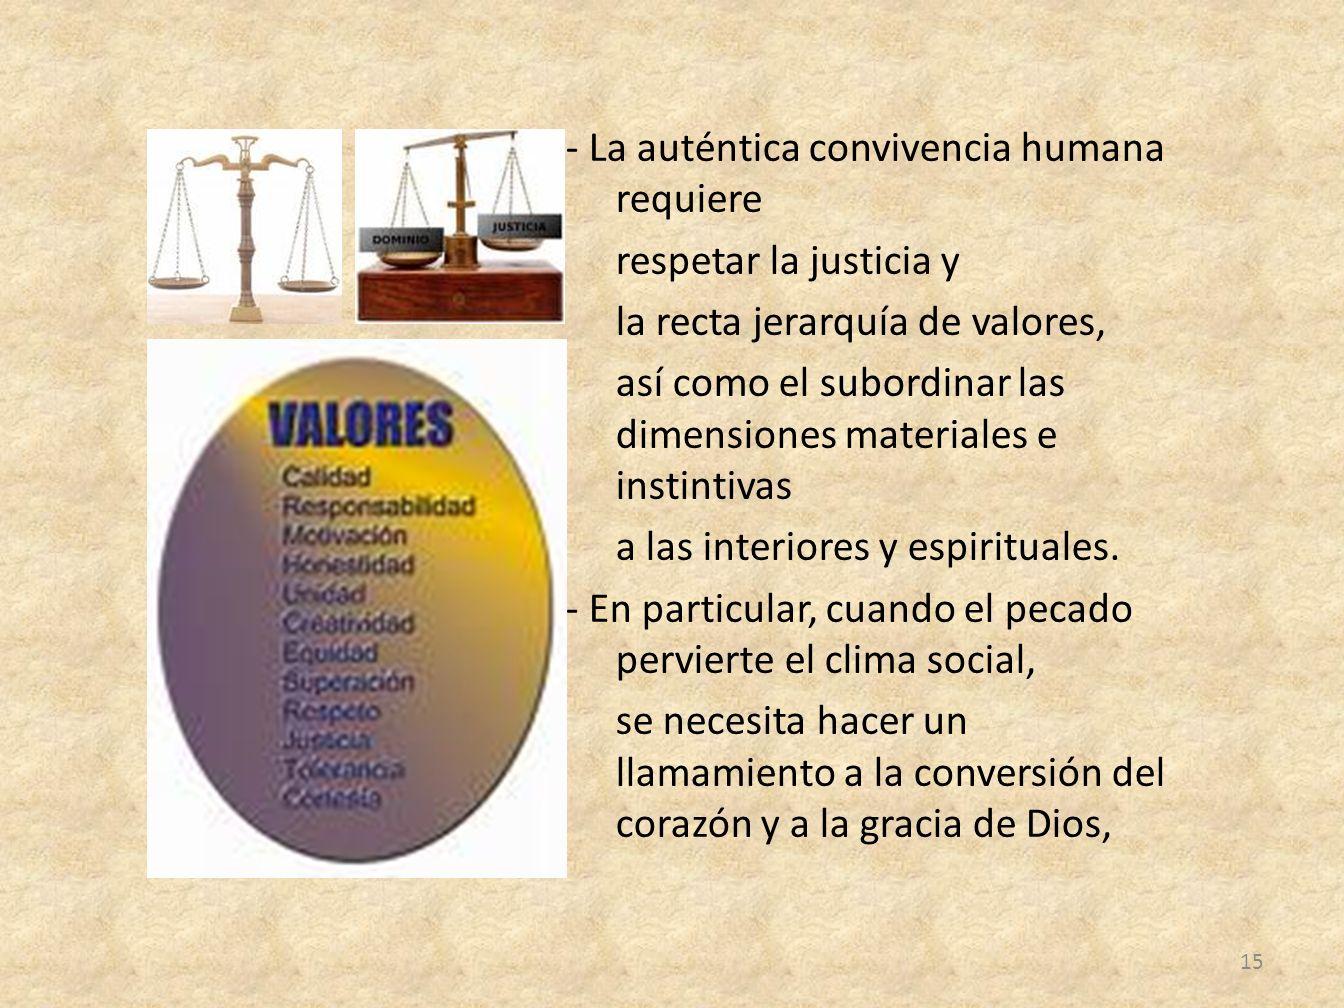 - La auténtica convivencia humana requiere respetar la justicia y la recta jerarquía de valores, así como el subordinar las dimensiones materiales e instintivas a las interiores y espirituales.